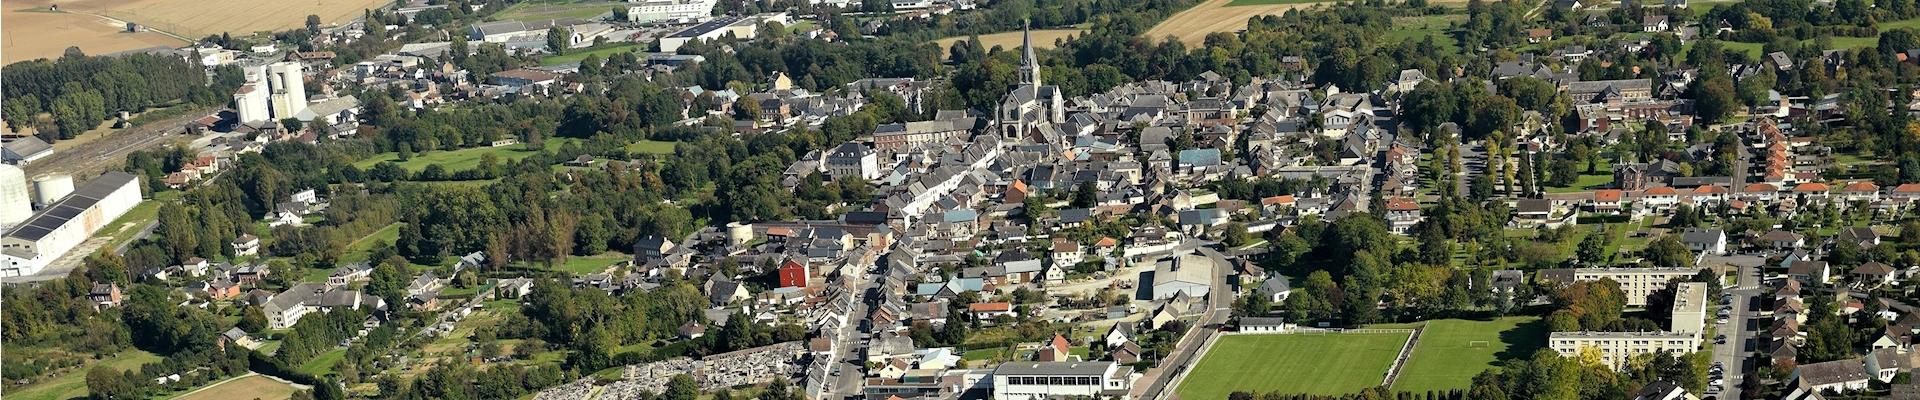 Ville de Marle